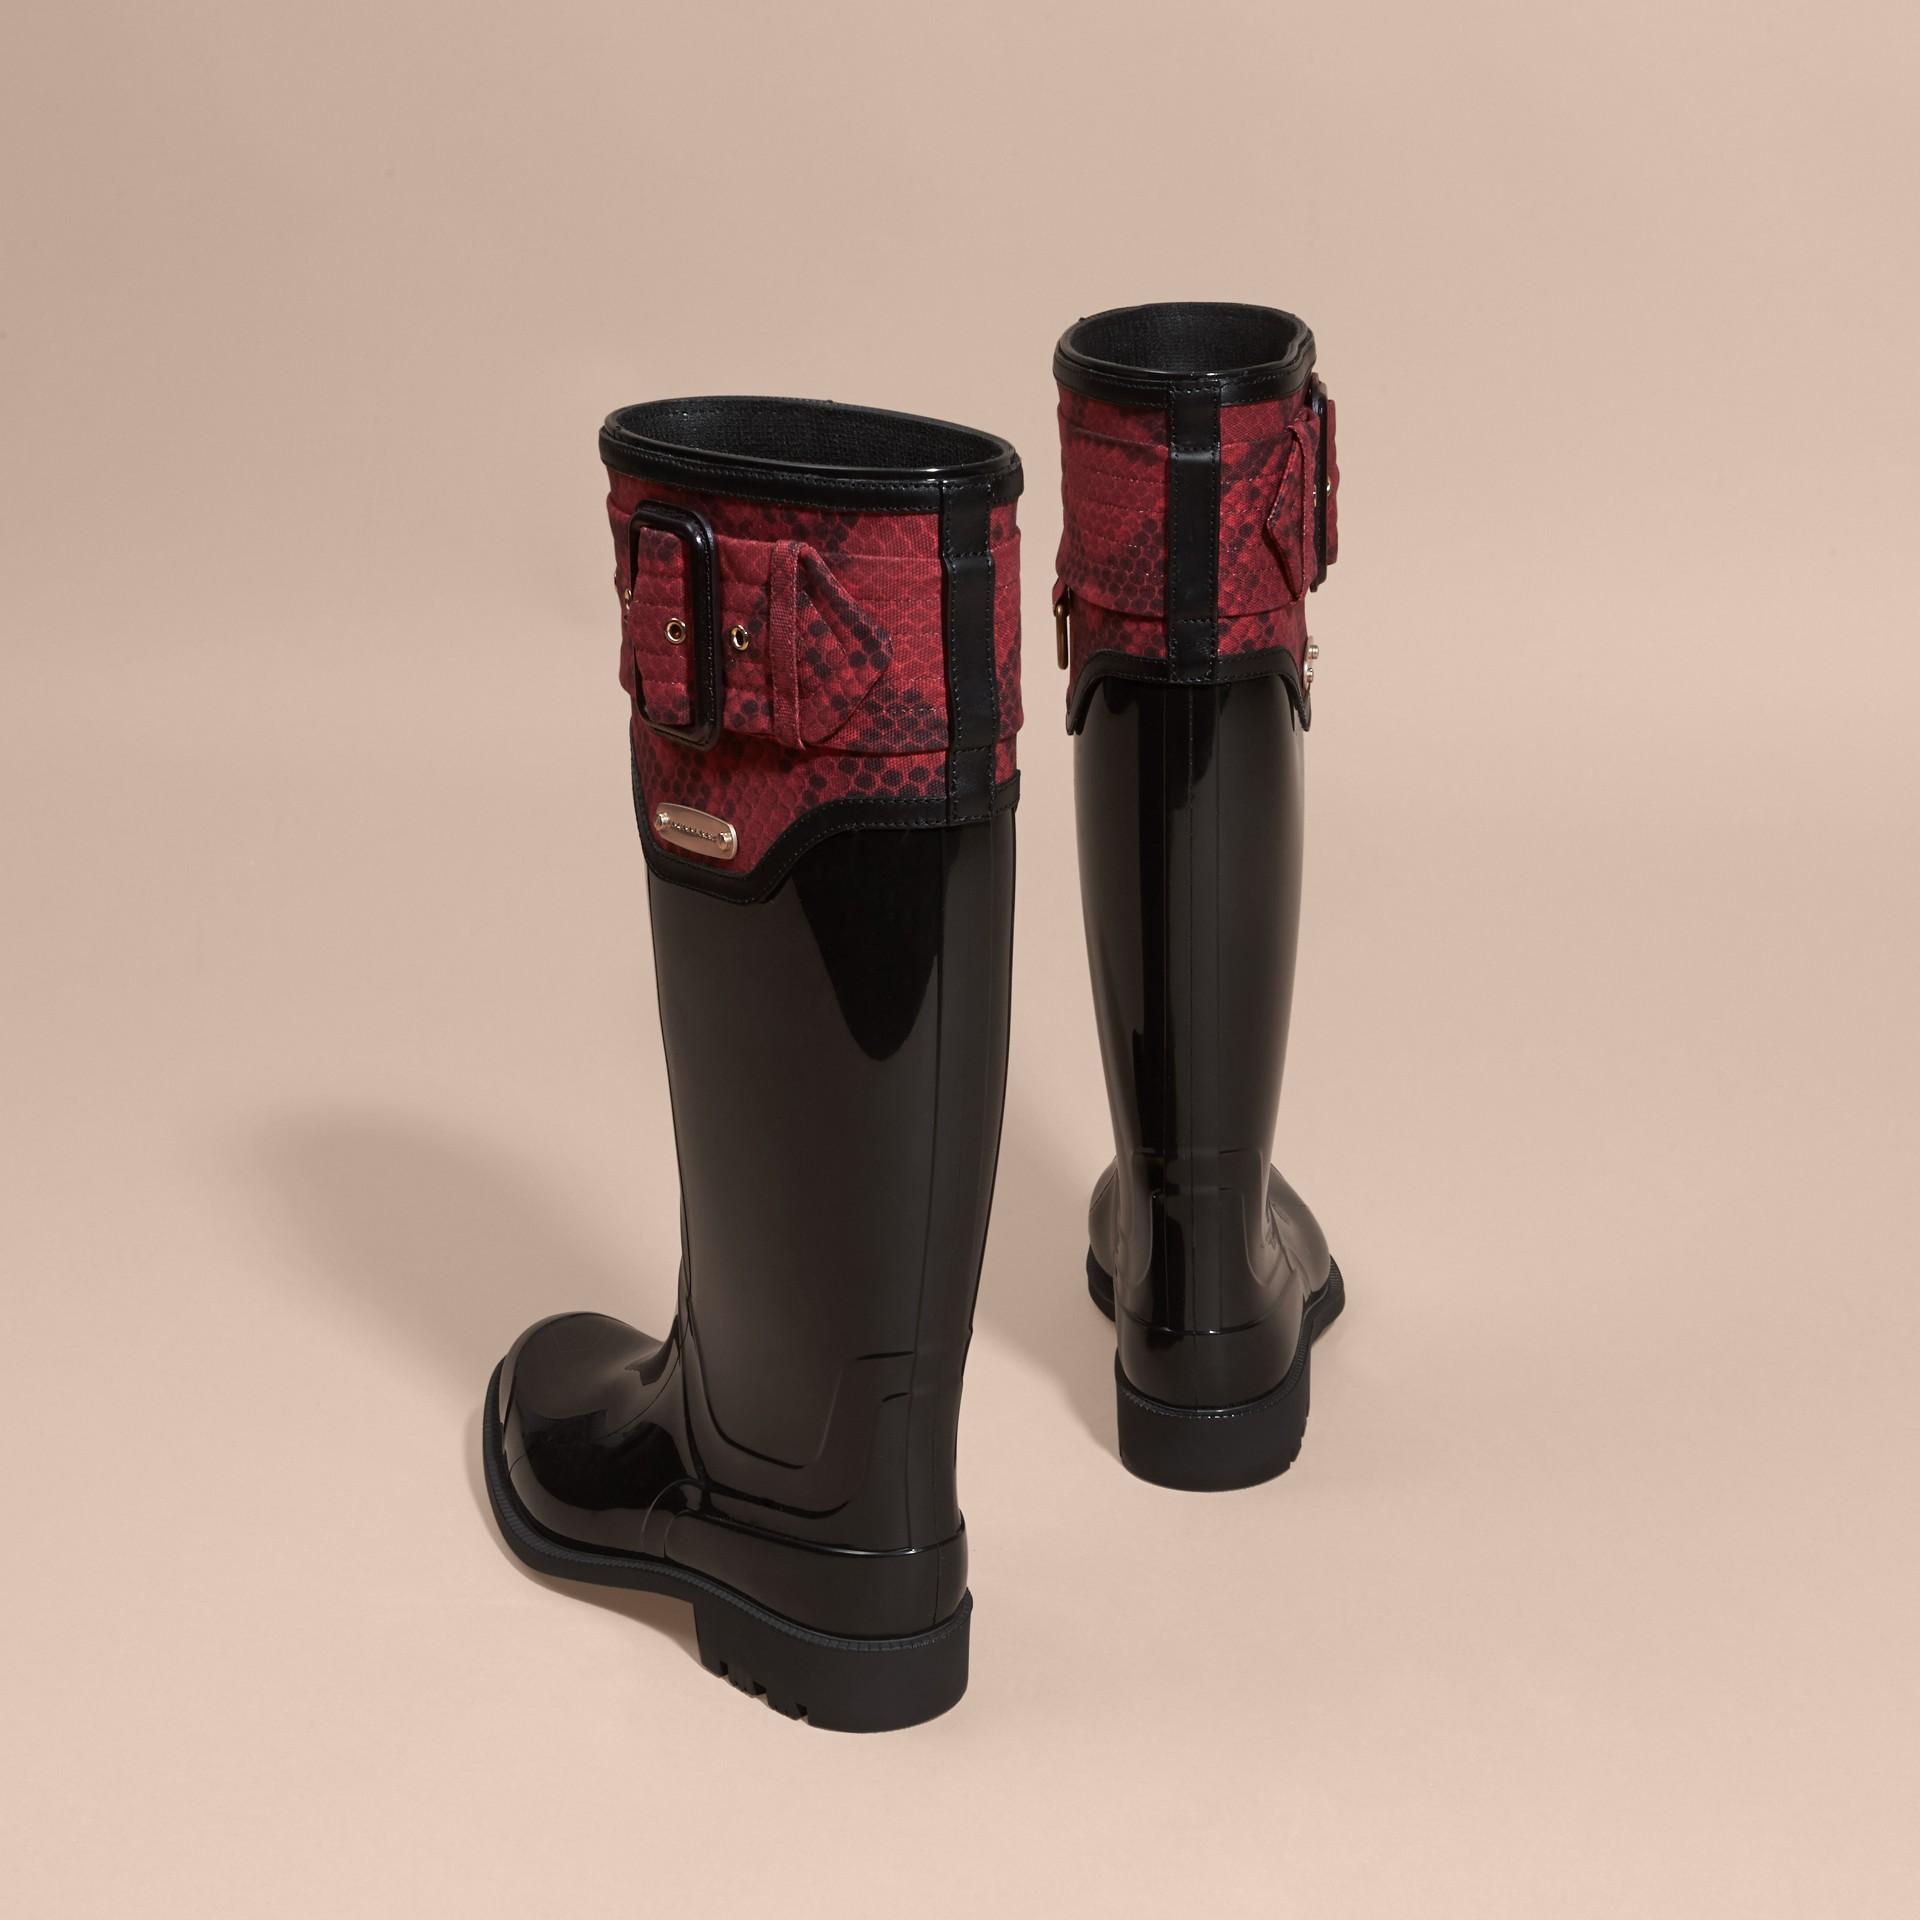 黑色/溫莎紅 蟒紋細節設計雨靴 黑色/溫莎紅 - 圖庫照片 3